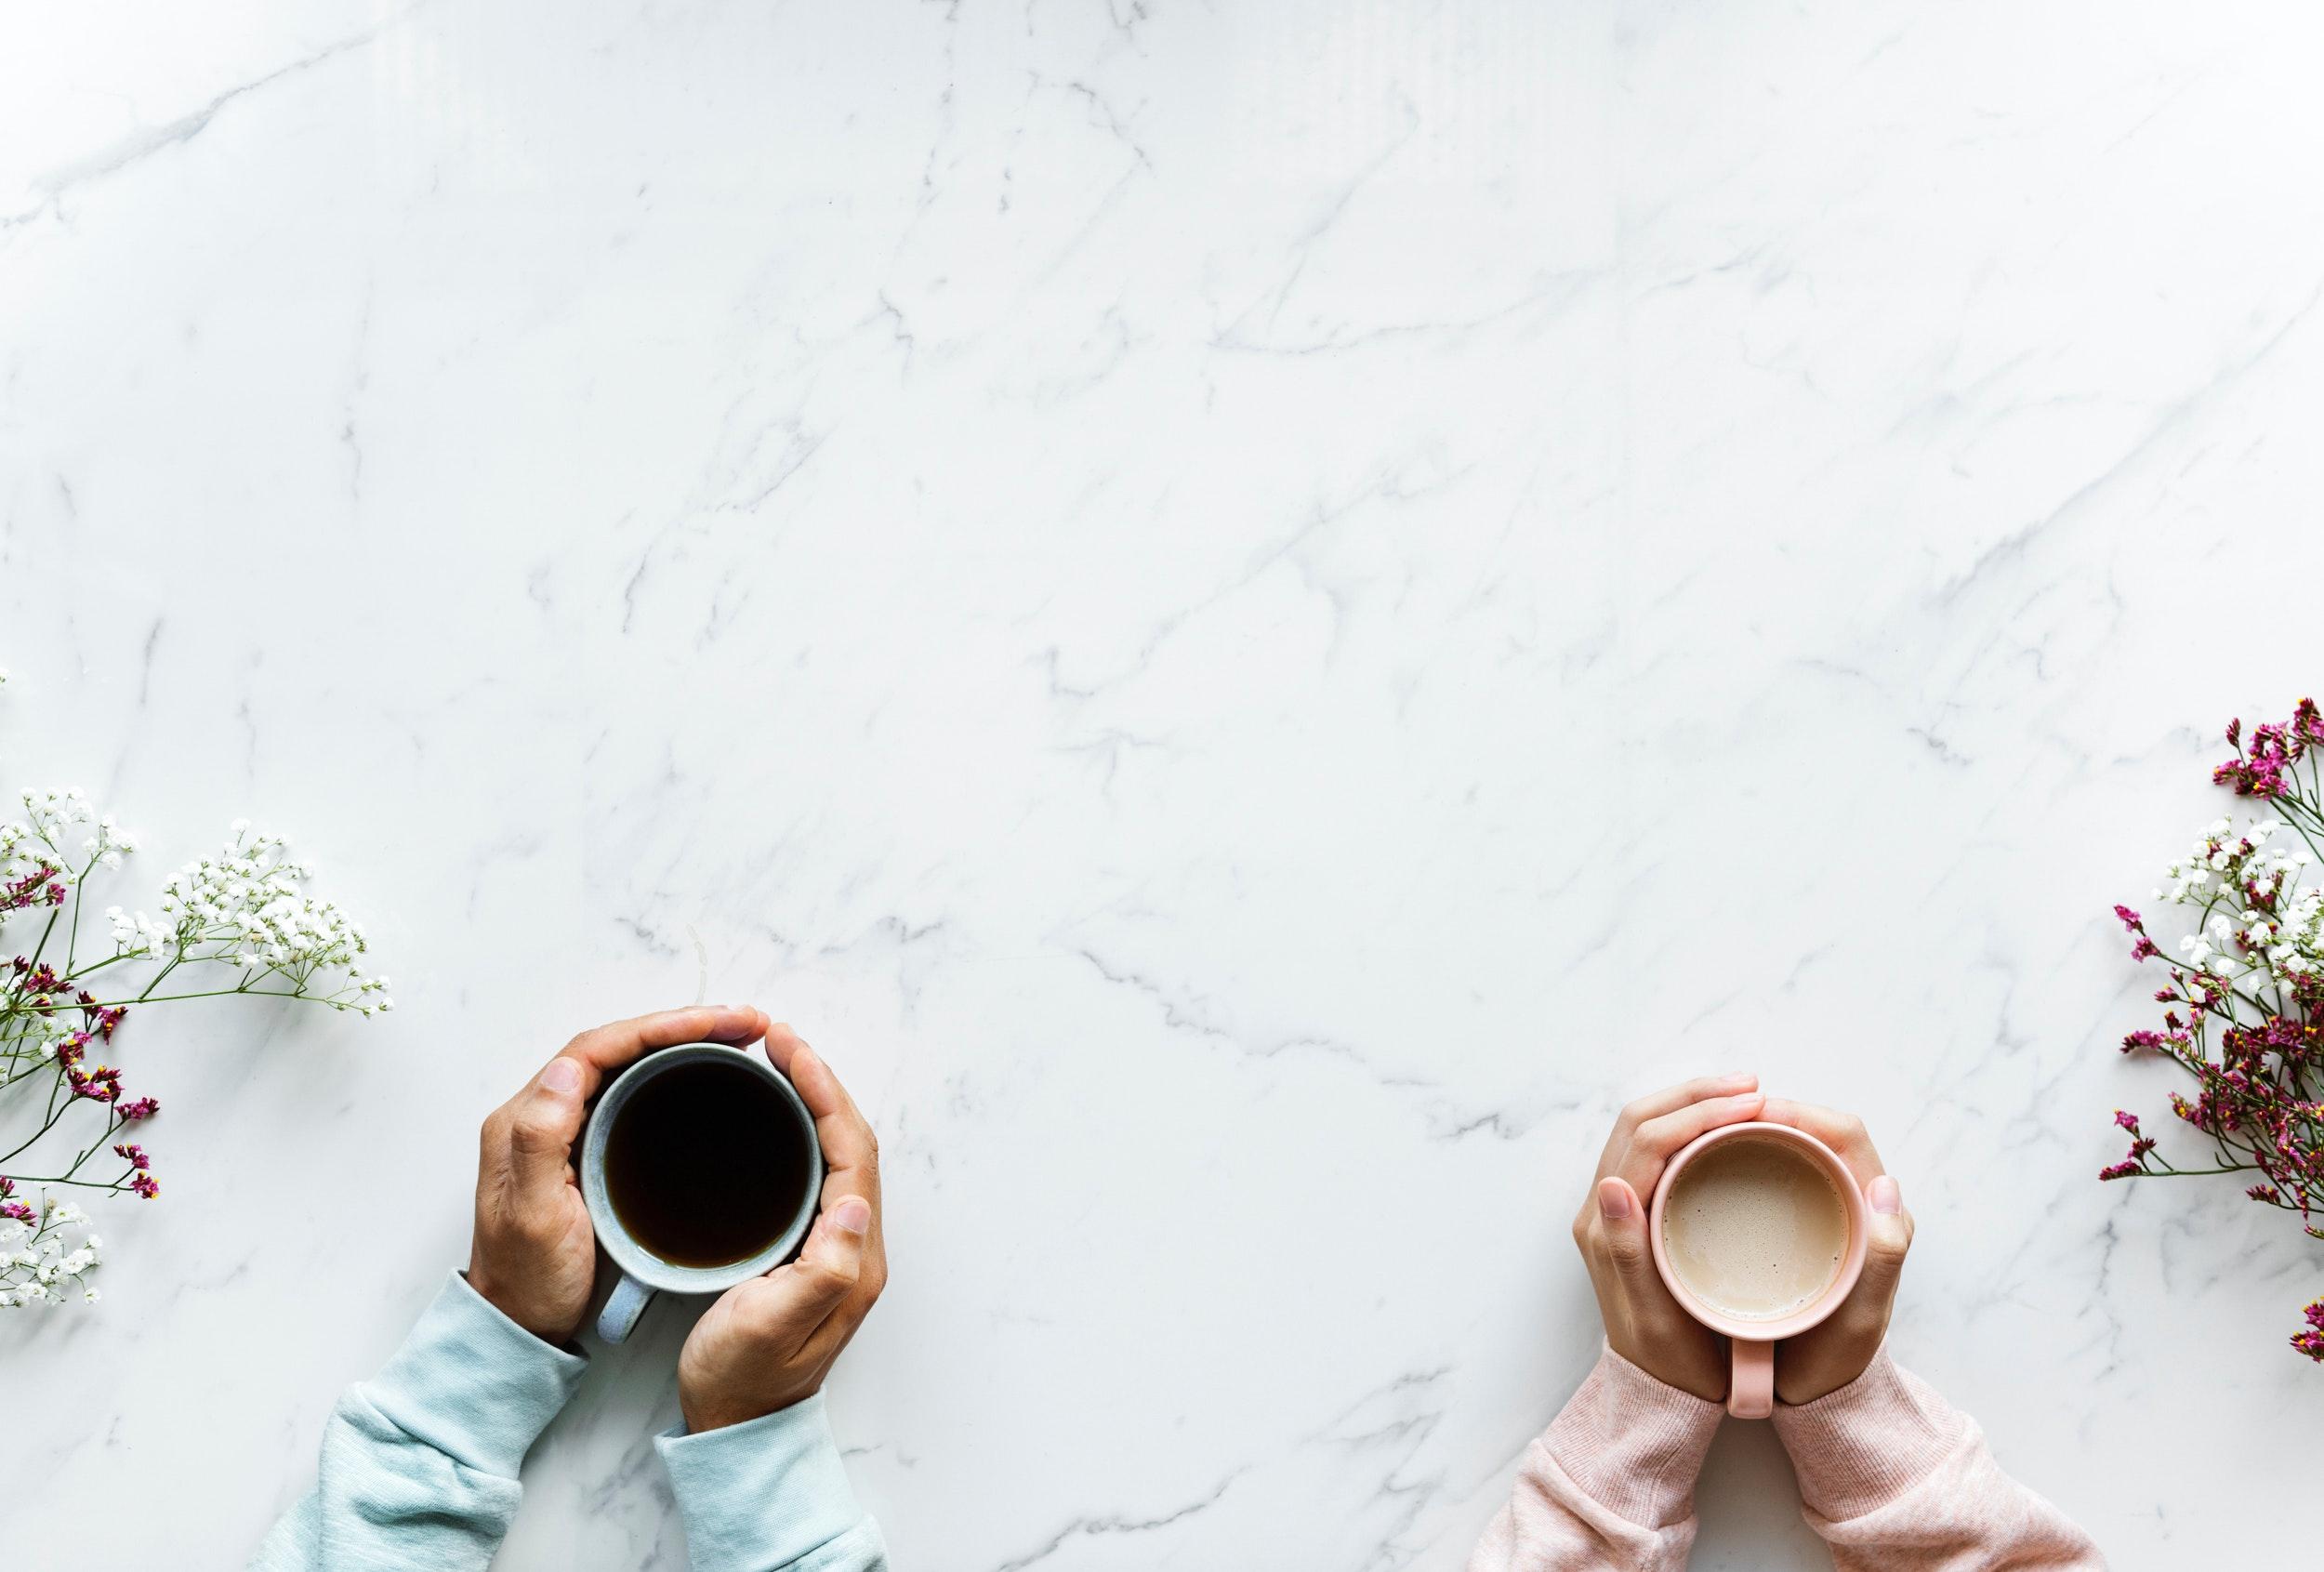 Produkty, których nie powinno się spożywać na pusty żołądek to min. kawa i herbata